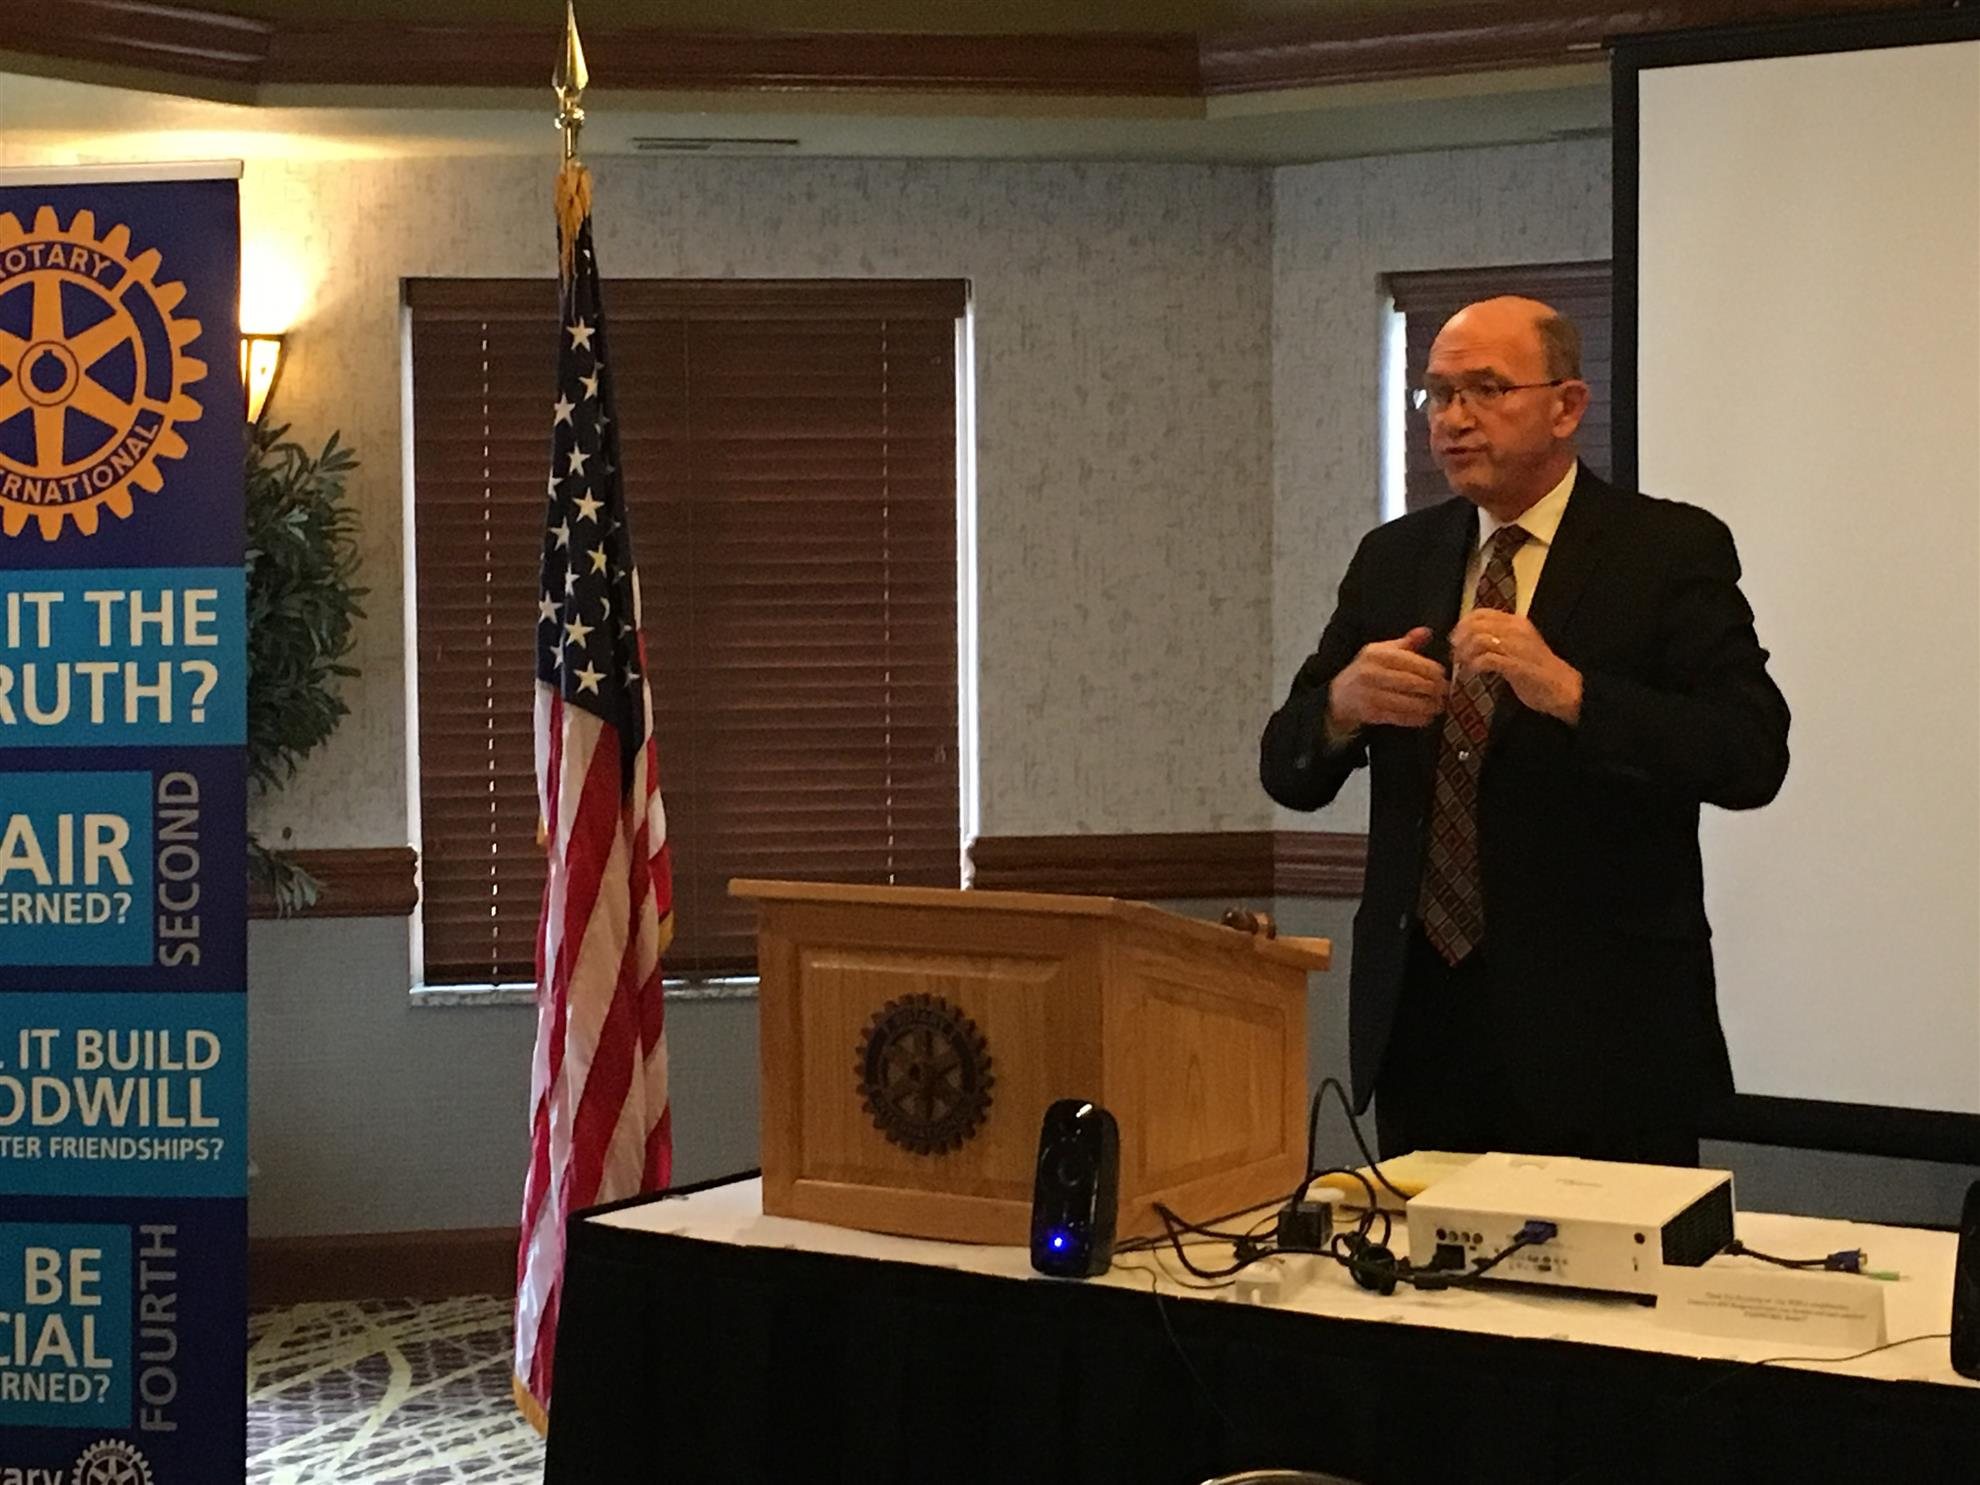 Fox Cities Morning Rotary Club Speaker Howard Healy